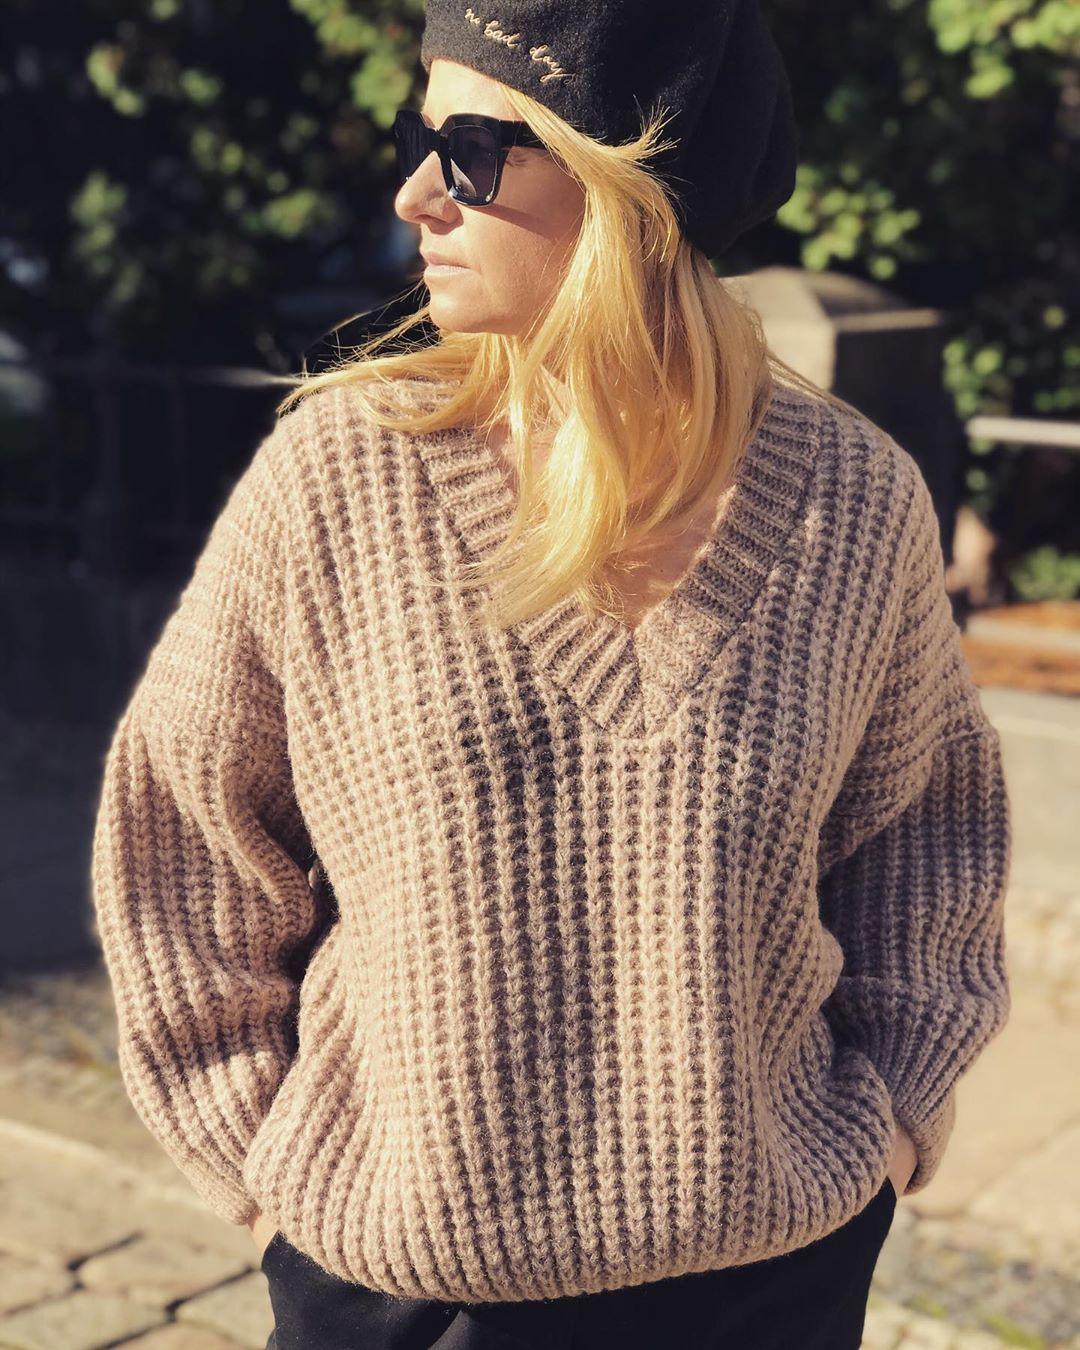 Miękki, ciepły, mięsisty .... i nie drapie taki jest nasz sweter V-neckl 🍂———————————————————————————#simplylifeconcept